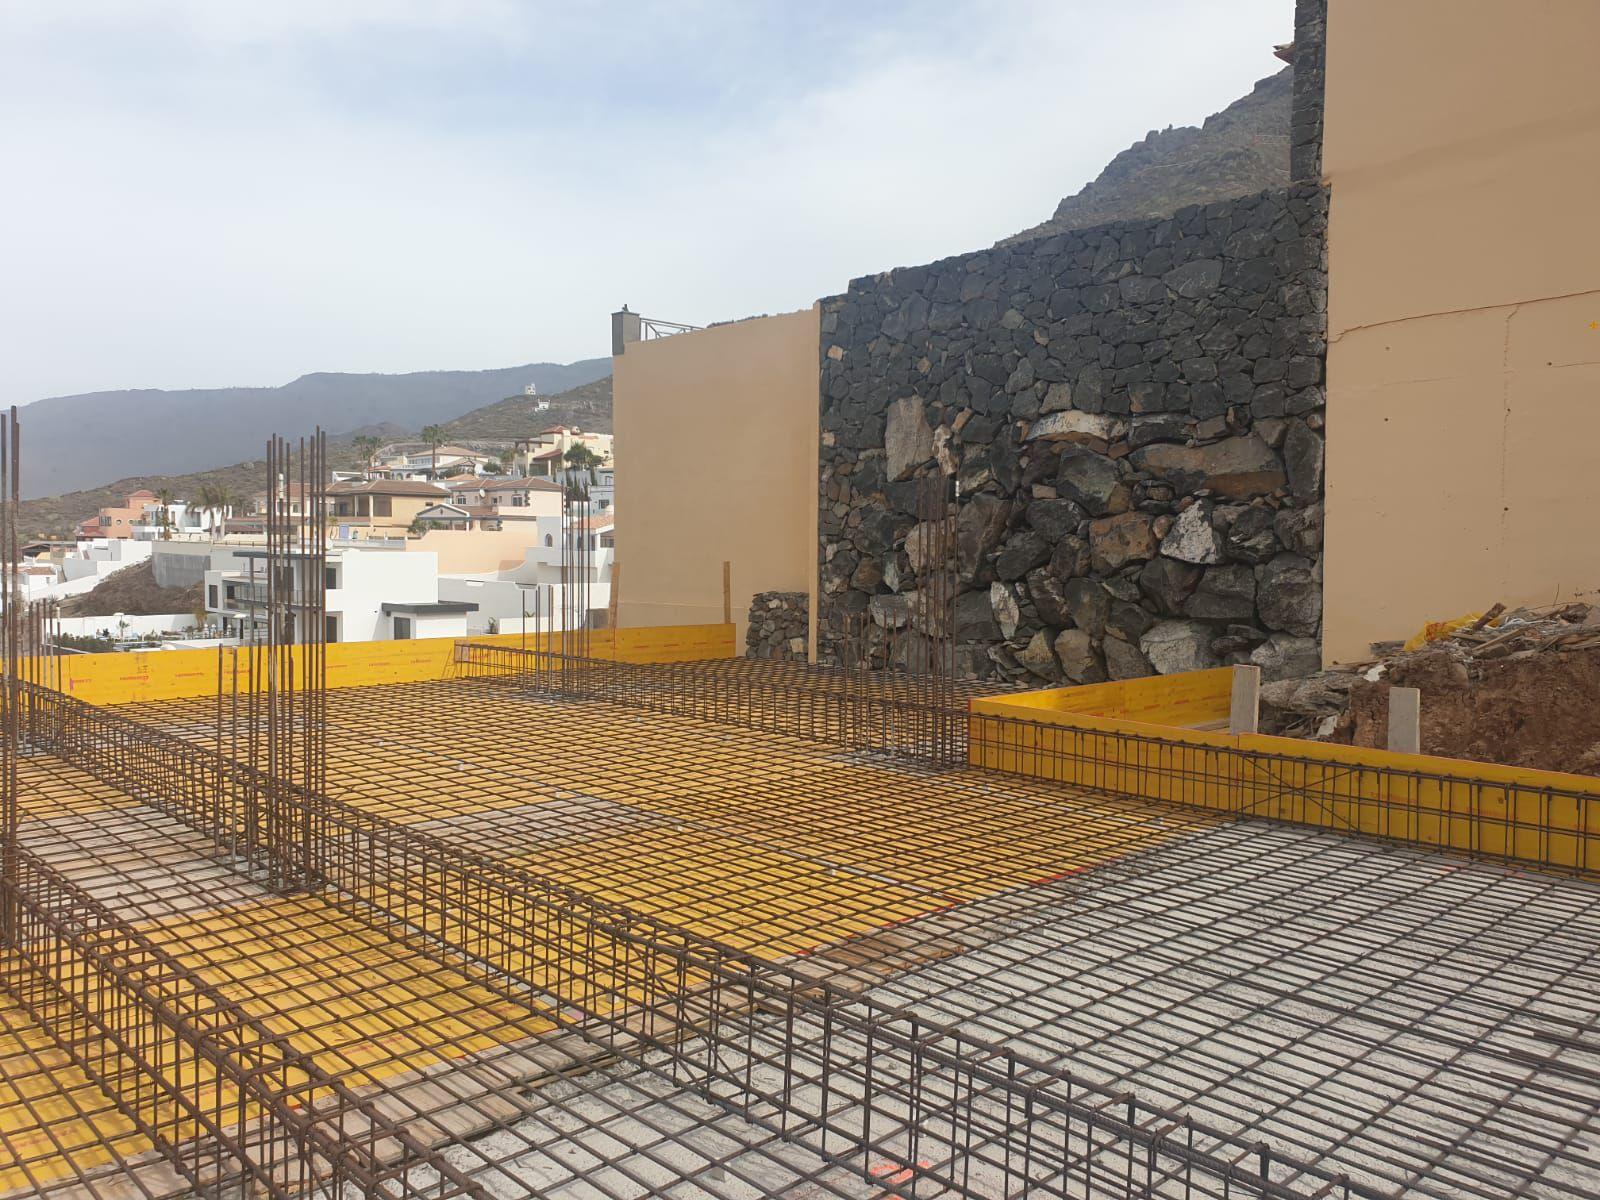 En las Islas Canarias, el estudio y la adquisición de suelos, seguido del armado del proyecto, se detuvo bruscamente